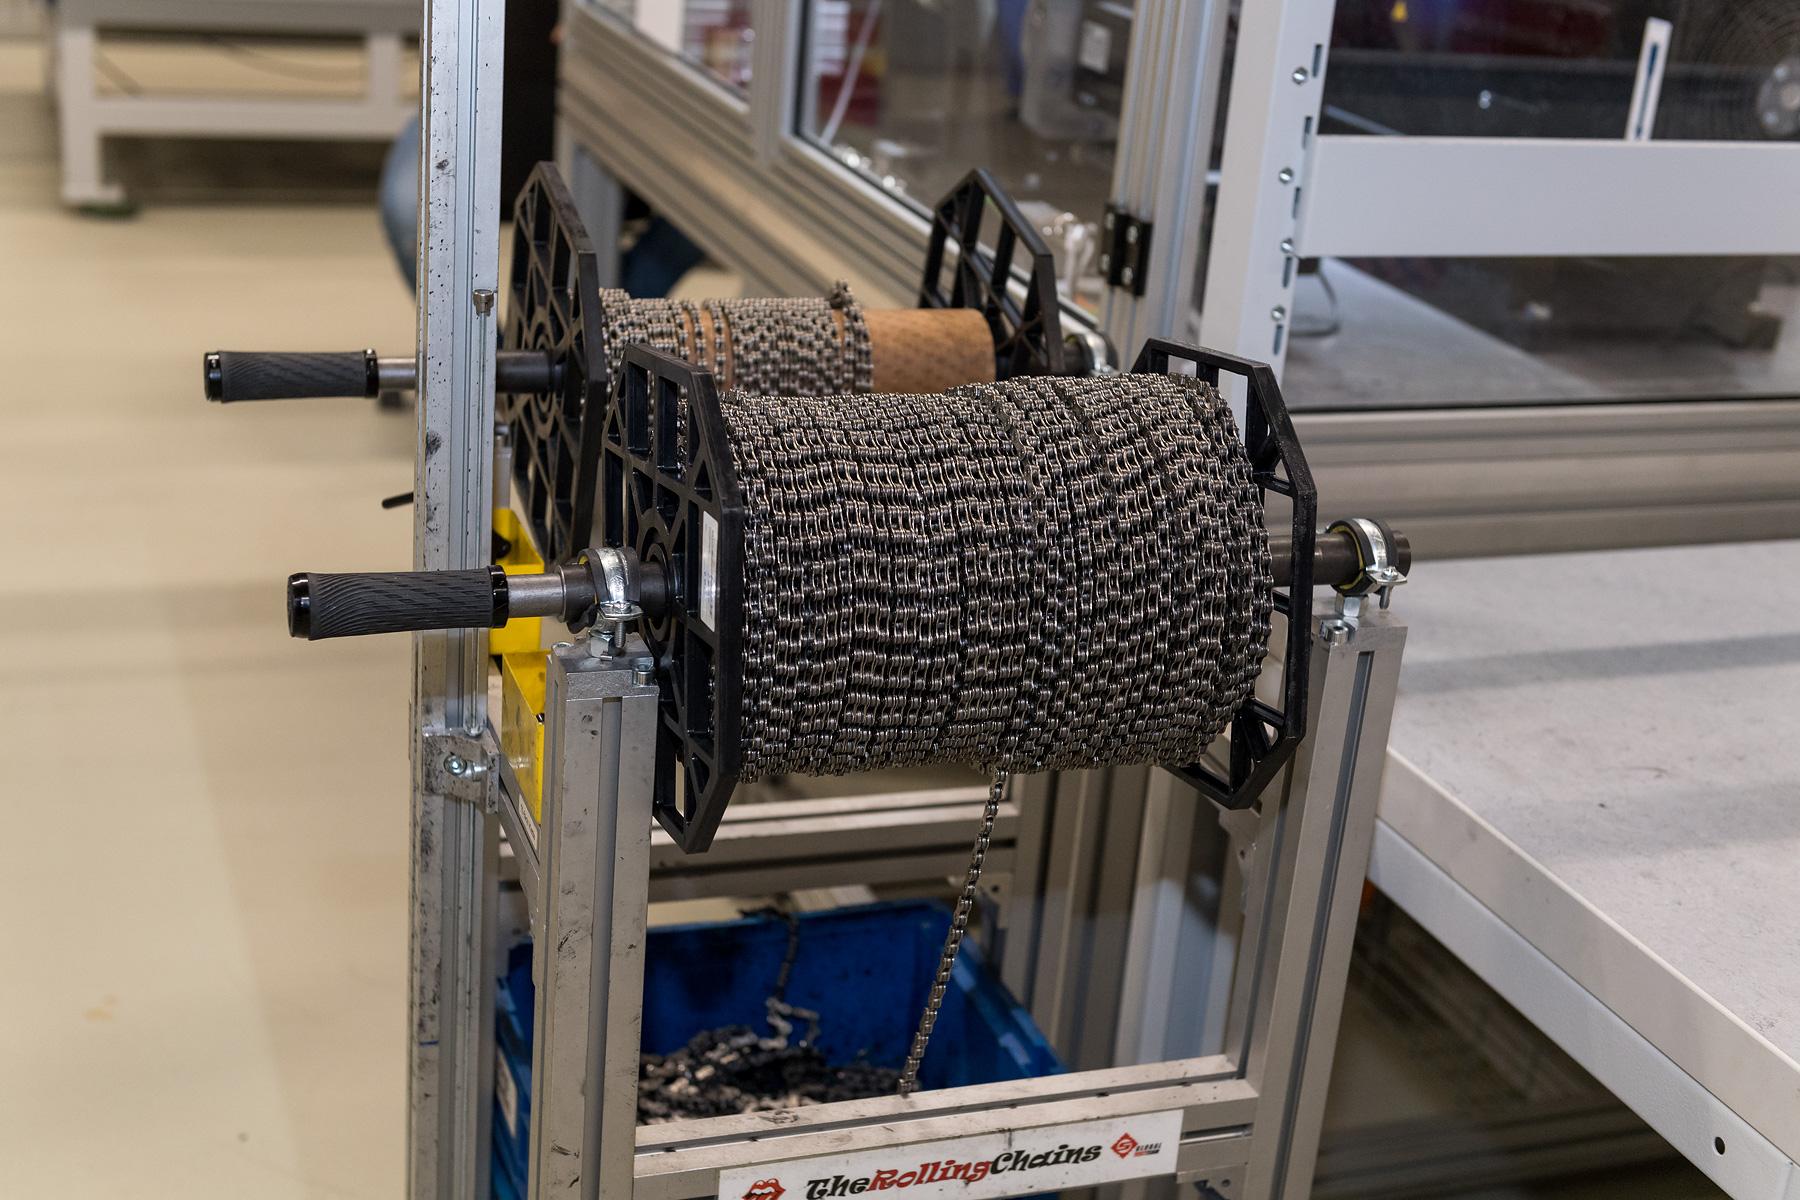 The Rolling Chains - 200 m Kette pro Monat (Tendenz steigend) werden für diverse Tests benötigt.